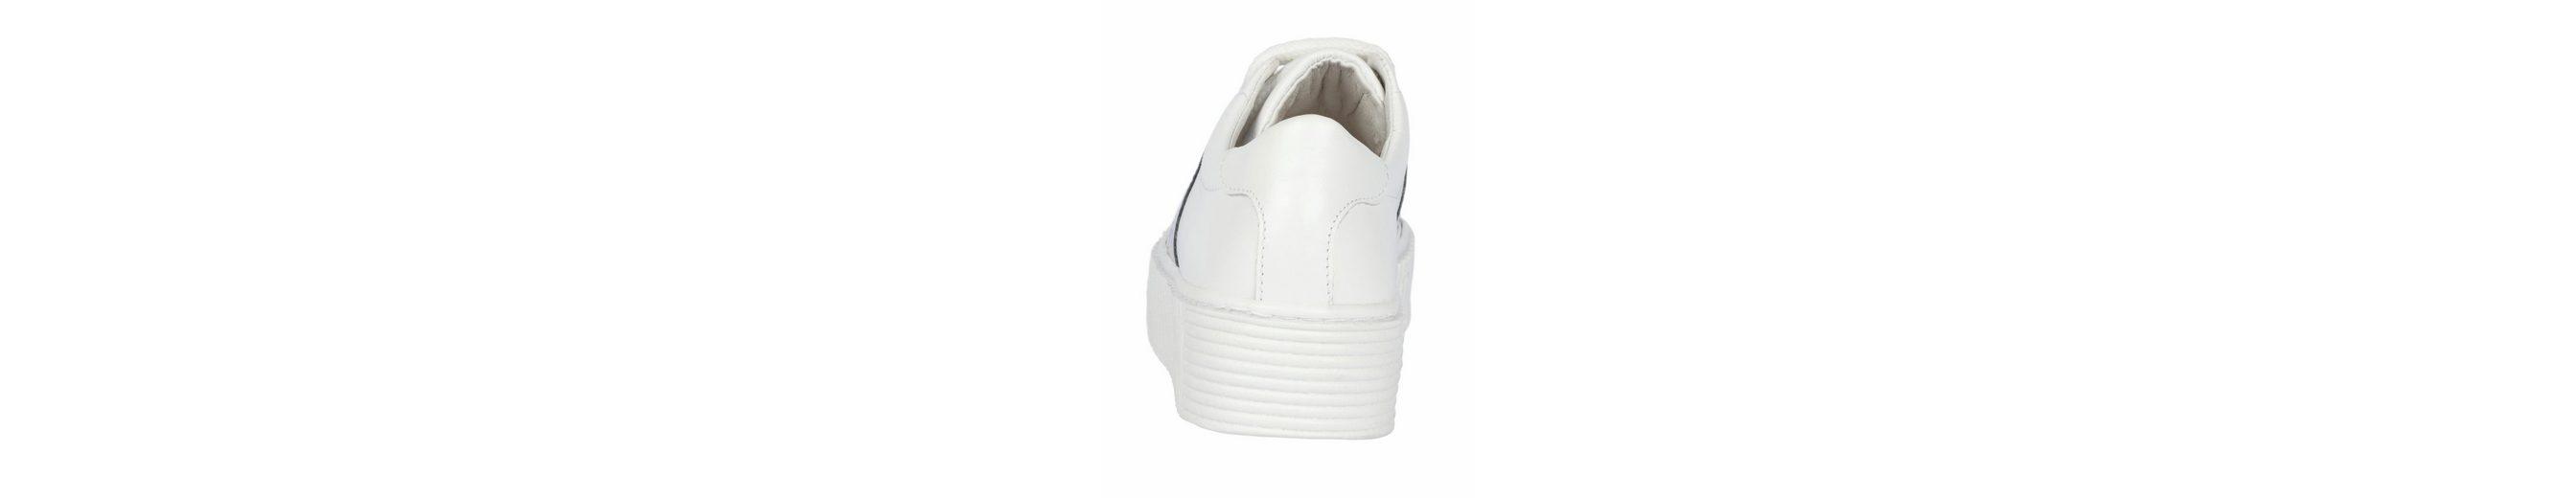 Spielraum Besuch Neu Heine Sneaker mit Plateau-Sohle Ansehen Günstig Online Online Kaufen Authentisch Billig Beliebt Verkauf lD2lY